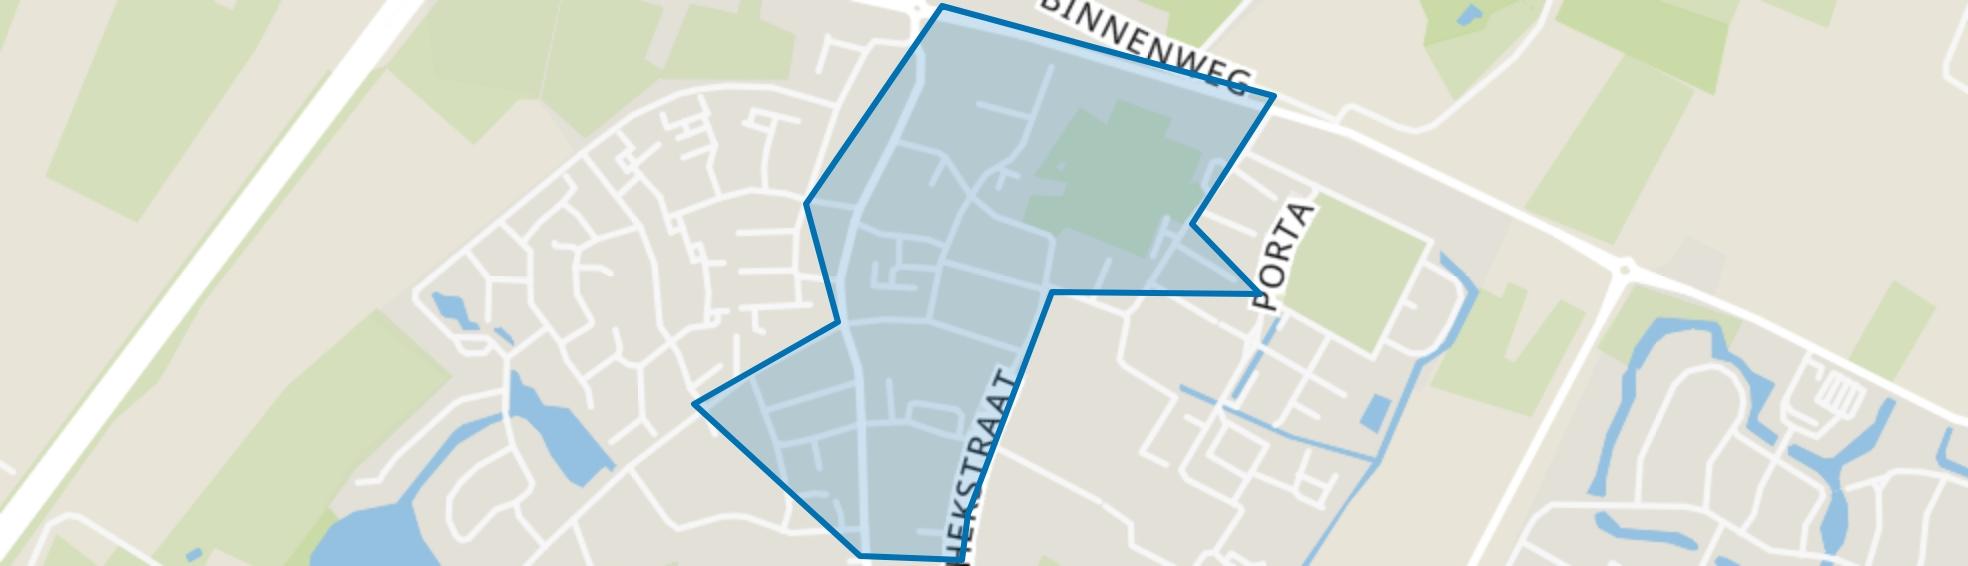 Ewijk-Centrum, Ewijk map